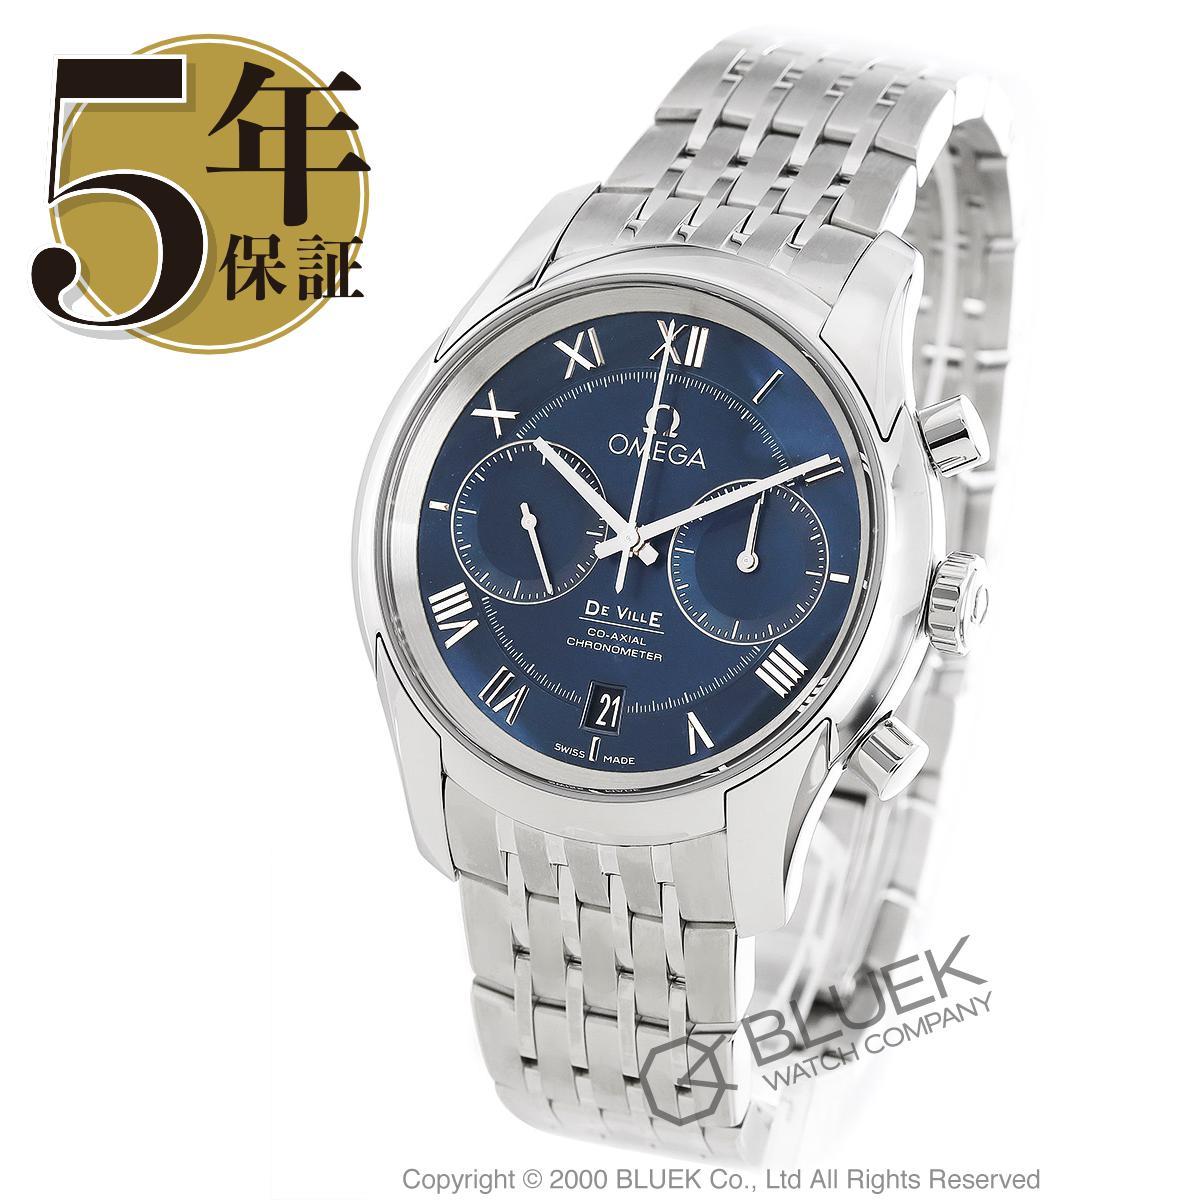 オメガ デビル コーアクシャル クロノグラフ 腕時計 メンズ OMEGA 431.10.42.51.03.001_5